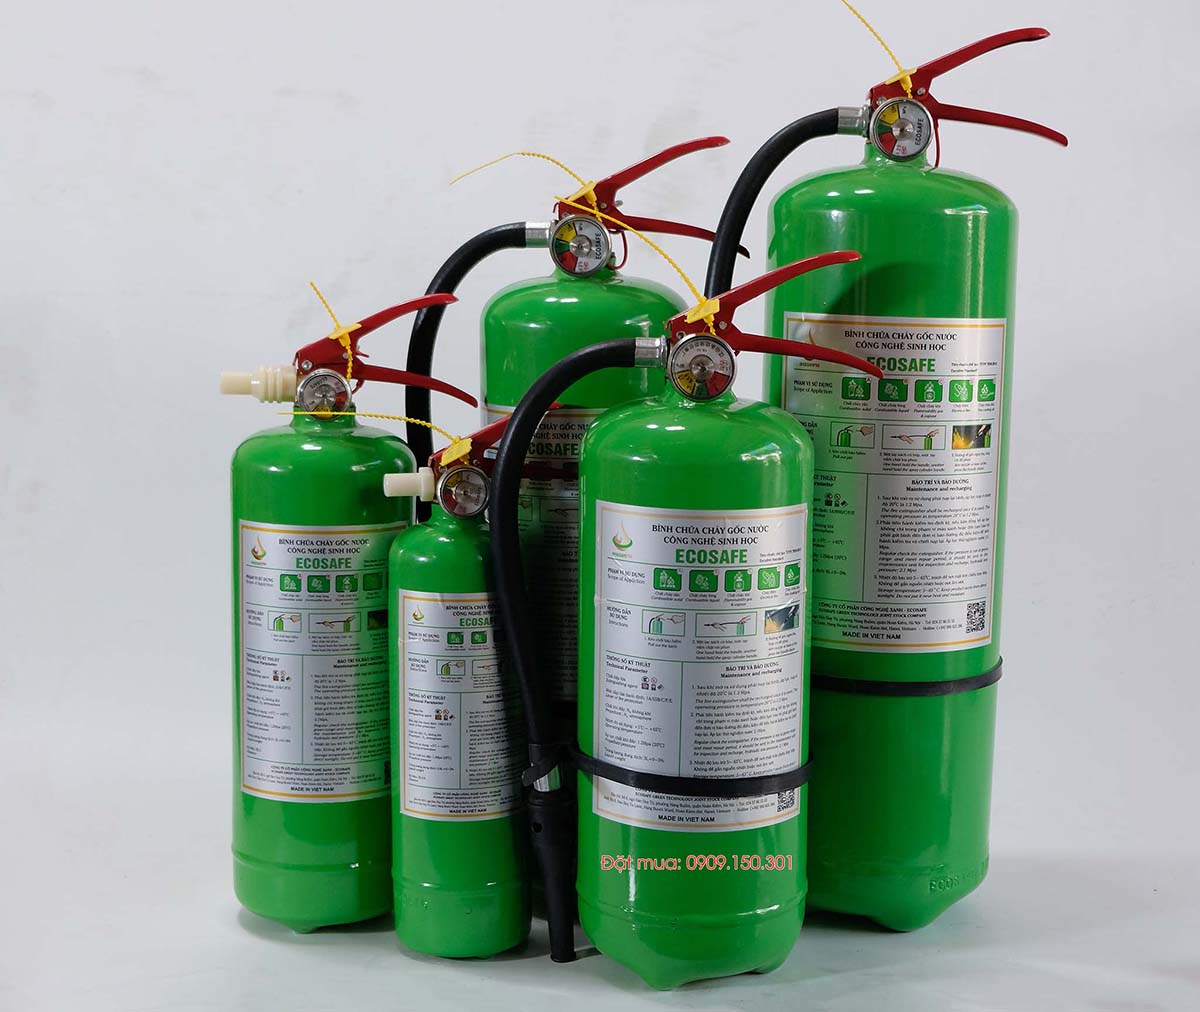 bình chữa cháy gốc nước sinh học Ecosafe